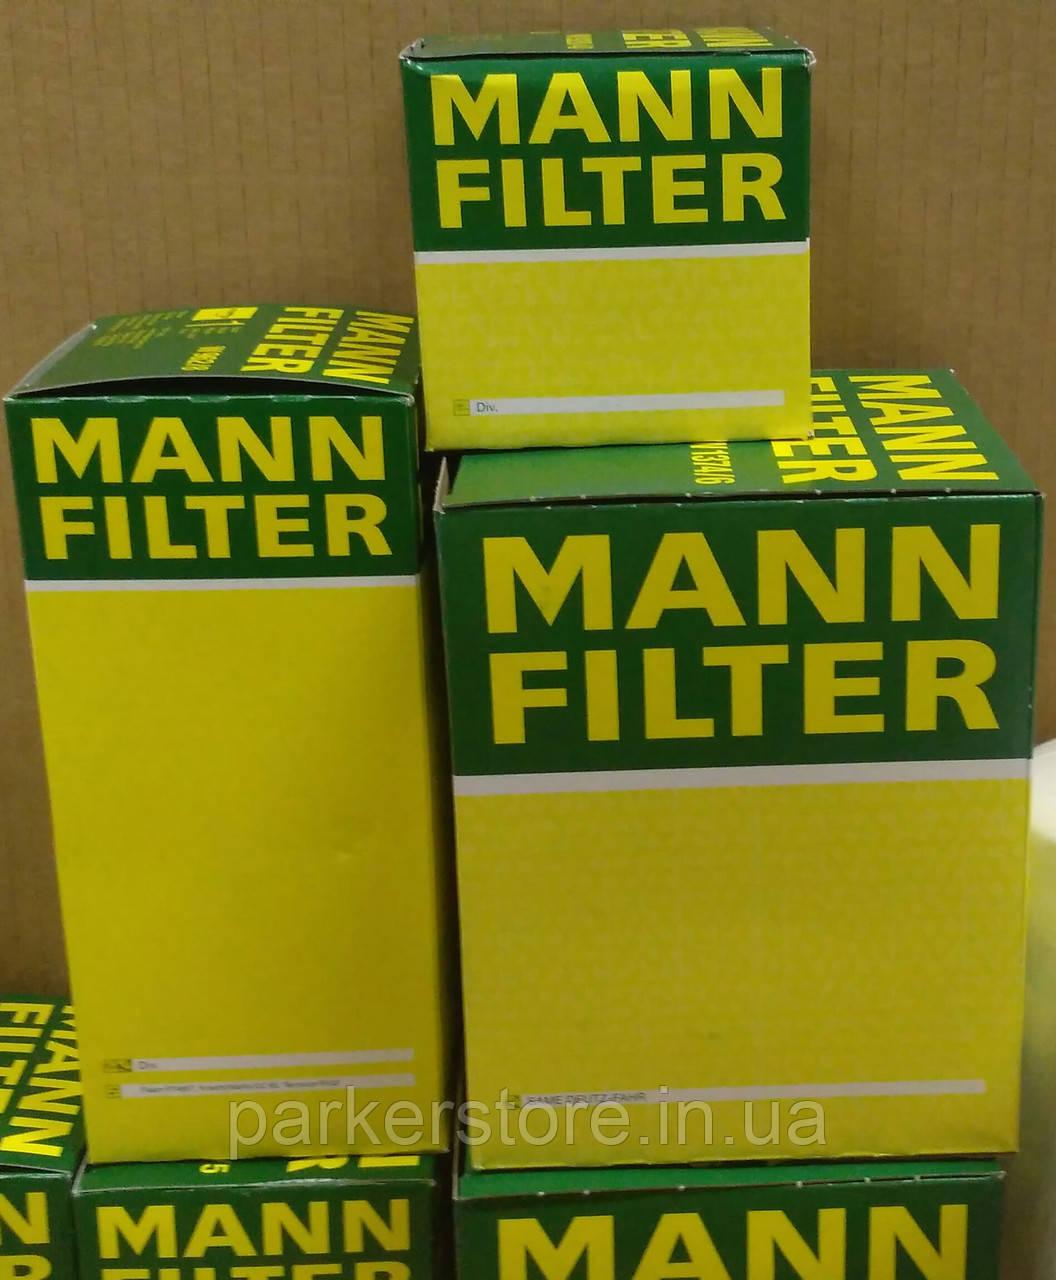 MANN FILTER / Повітряний фільтр / C 23 610 / C23610